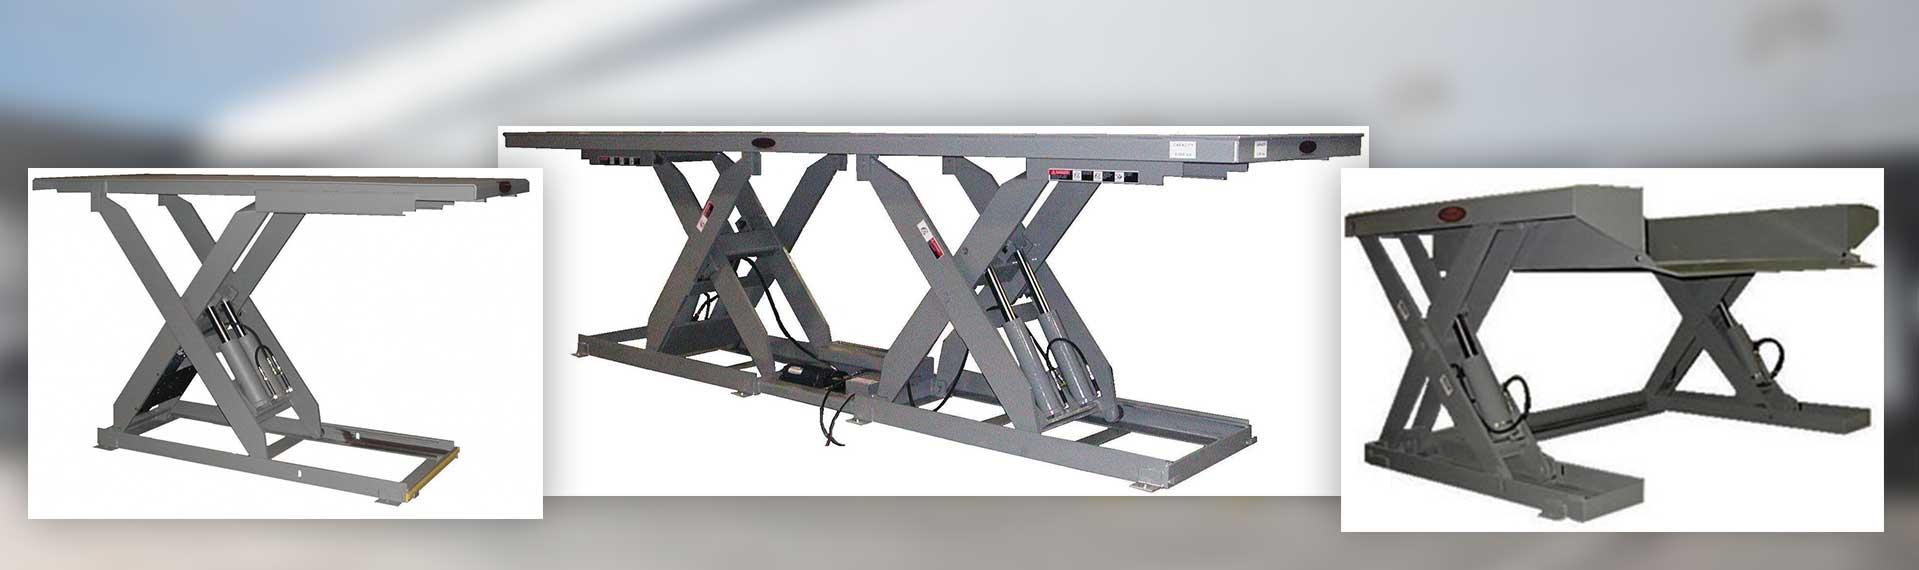 YARD-RAMP-SITE hydraulic lift tables